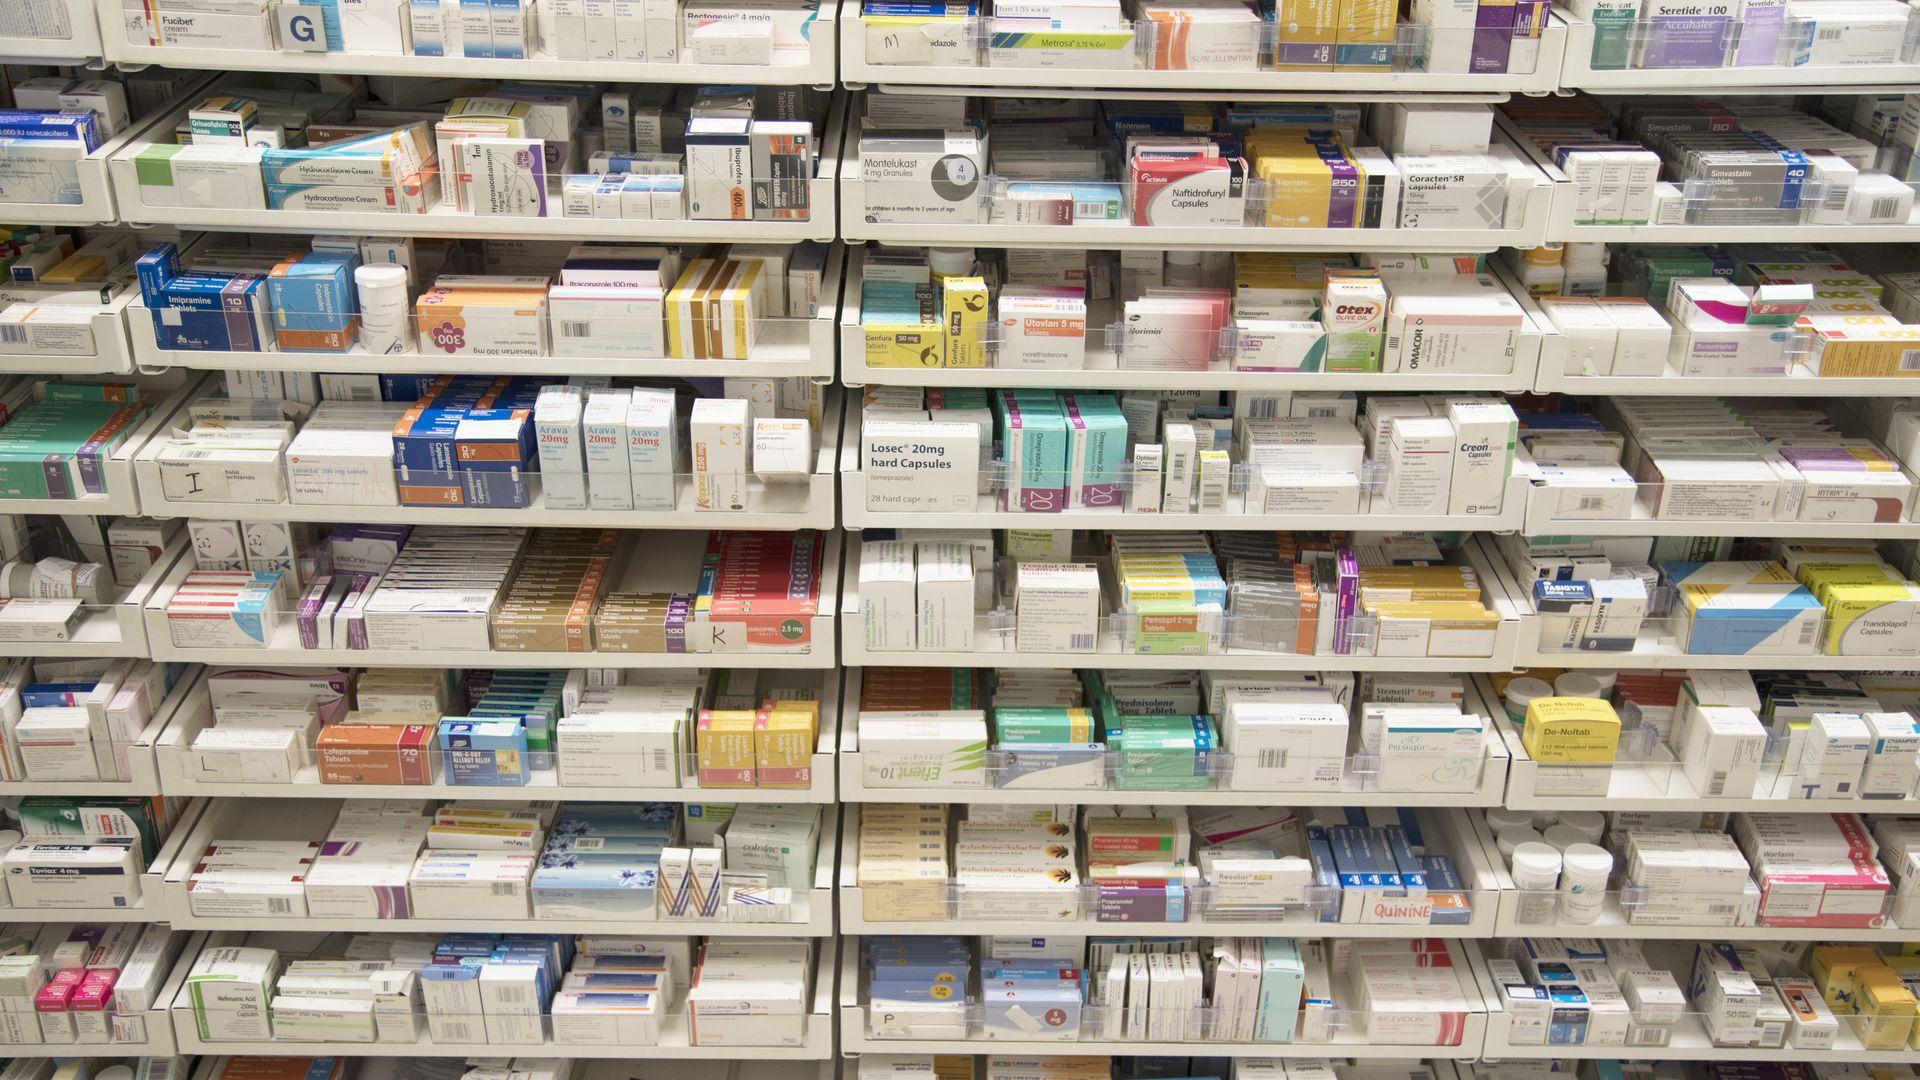 Shelves of prescription drugs at a pharmacy.